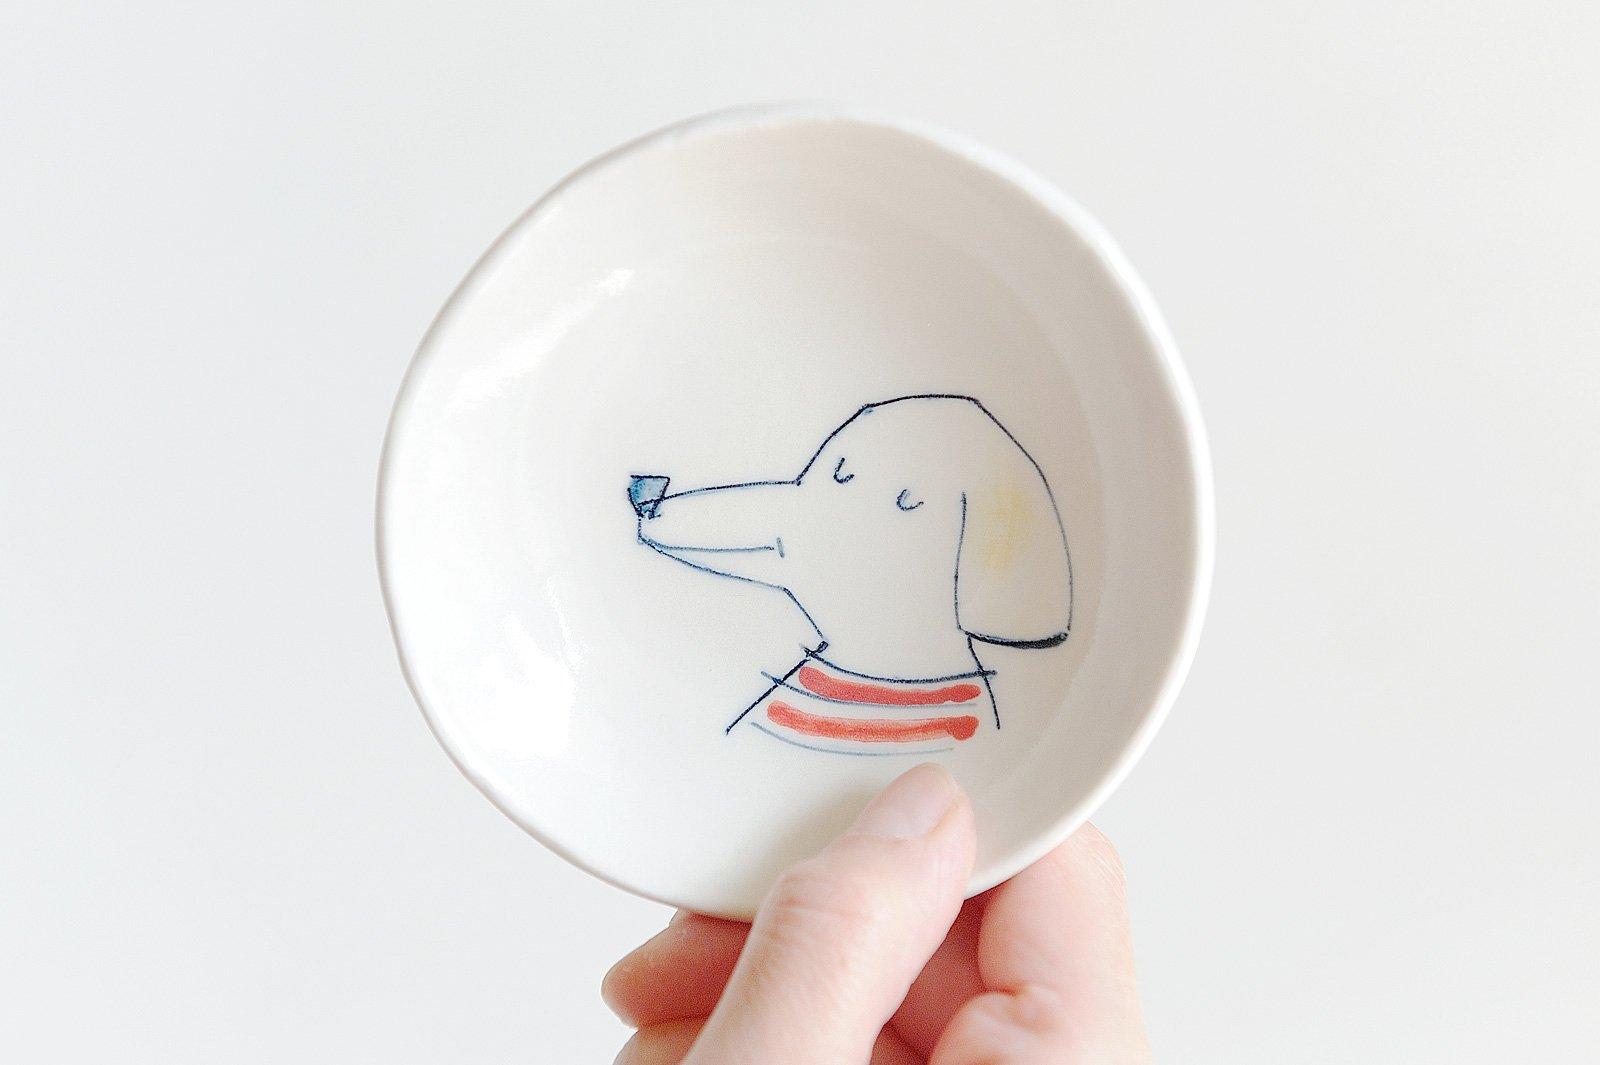 どうぶつ絵皿 - 犬